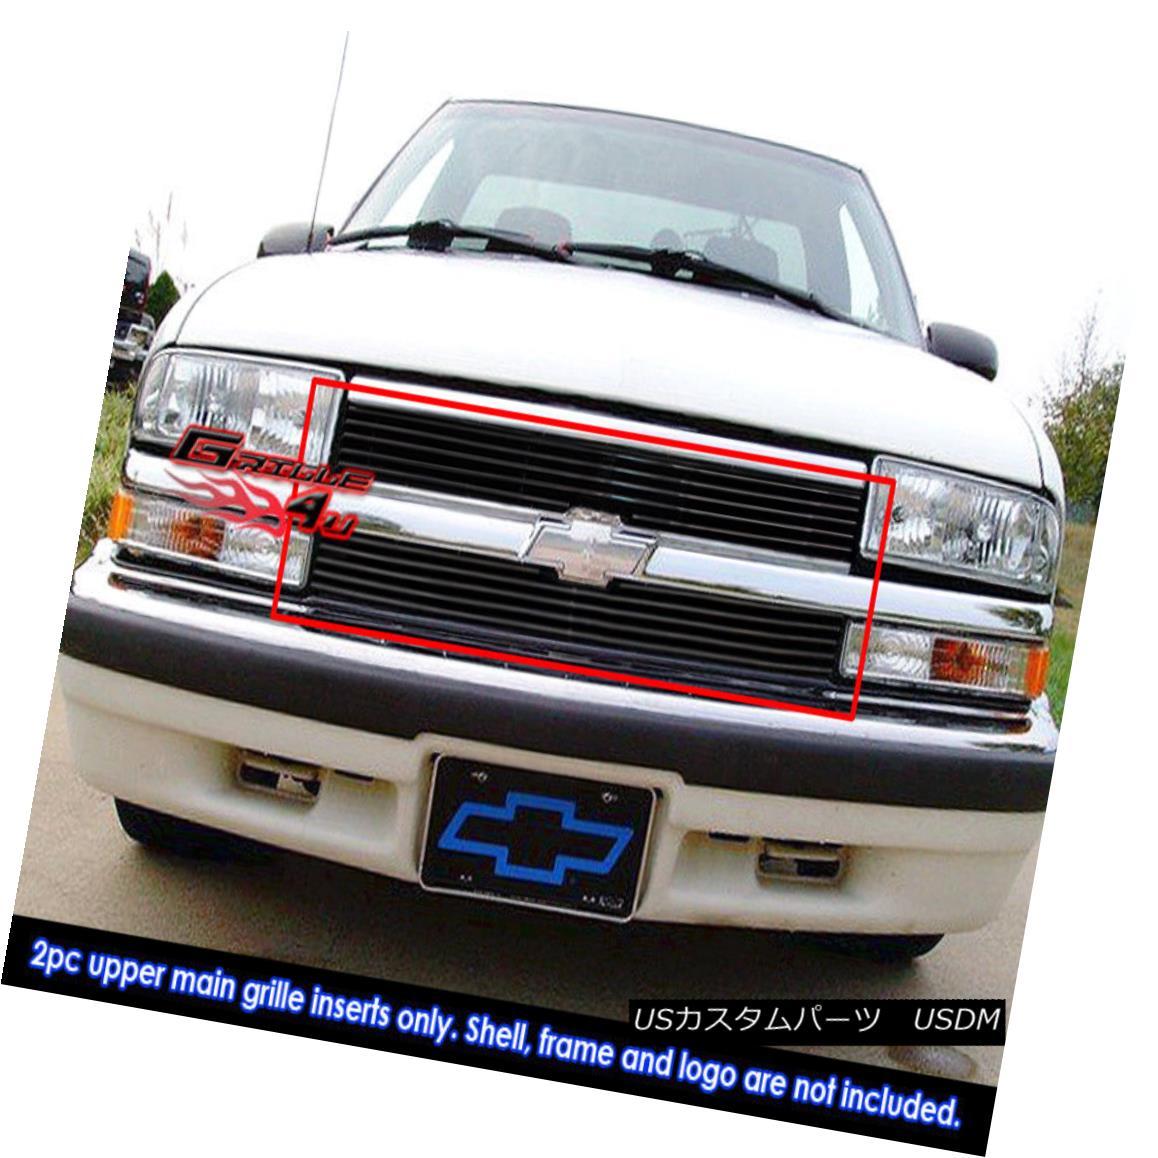 グリル Fits 1998-2004 Chevy S-10/ Blazer Black Main Upper Billet Grille Insert フィット1998-2004シボレーS - 10 /ブレザーブラックメインアッパービレットグリルインサート